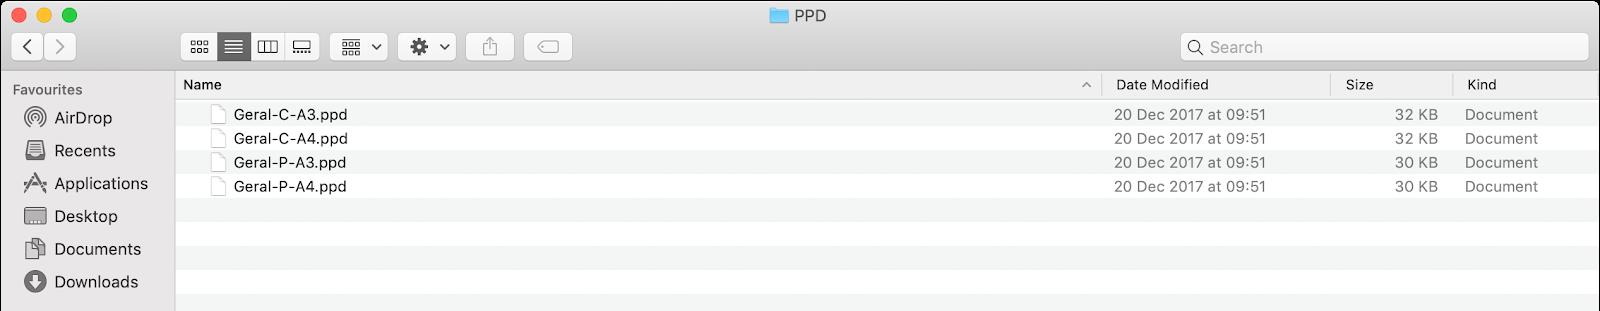 Localização dos ficheiros PPD descompactados